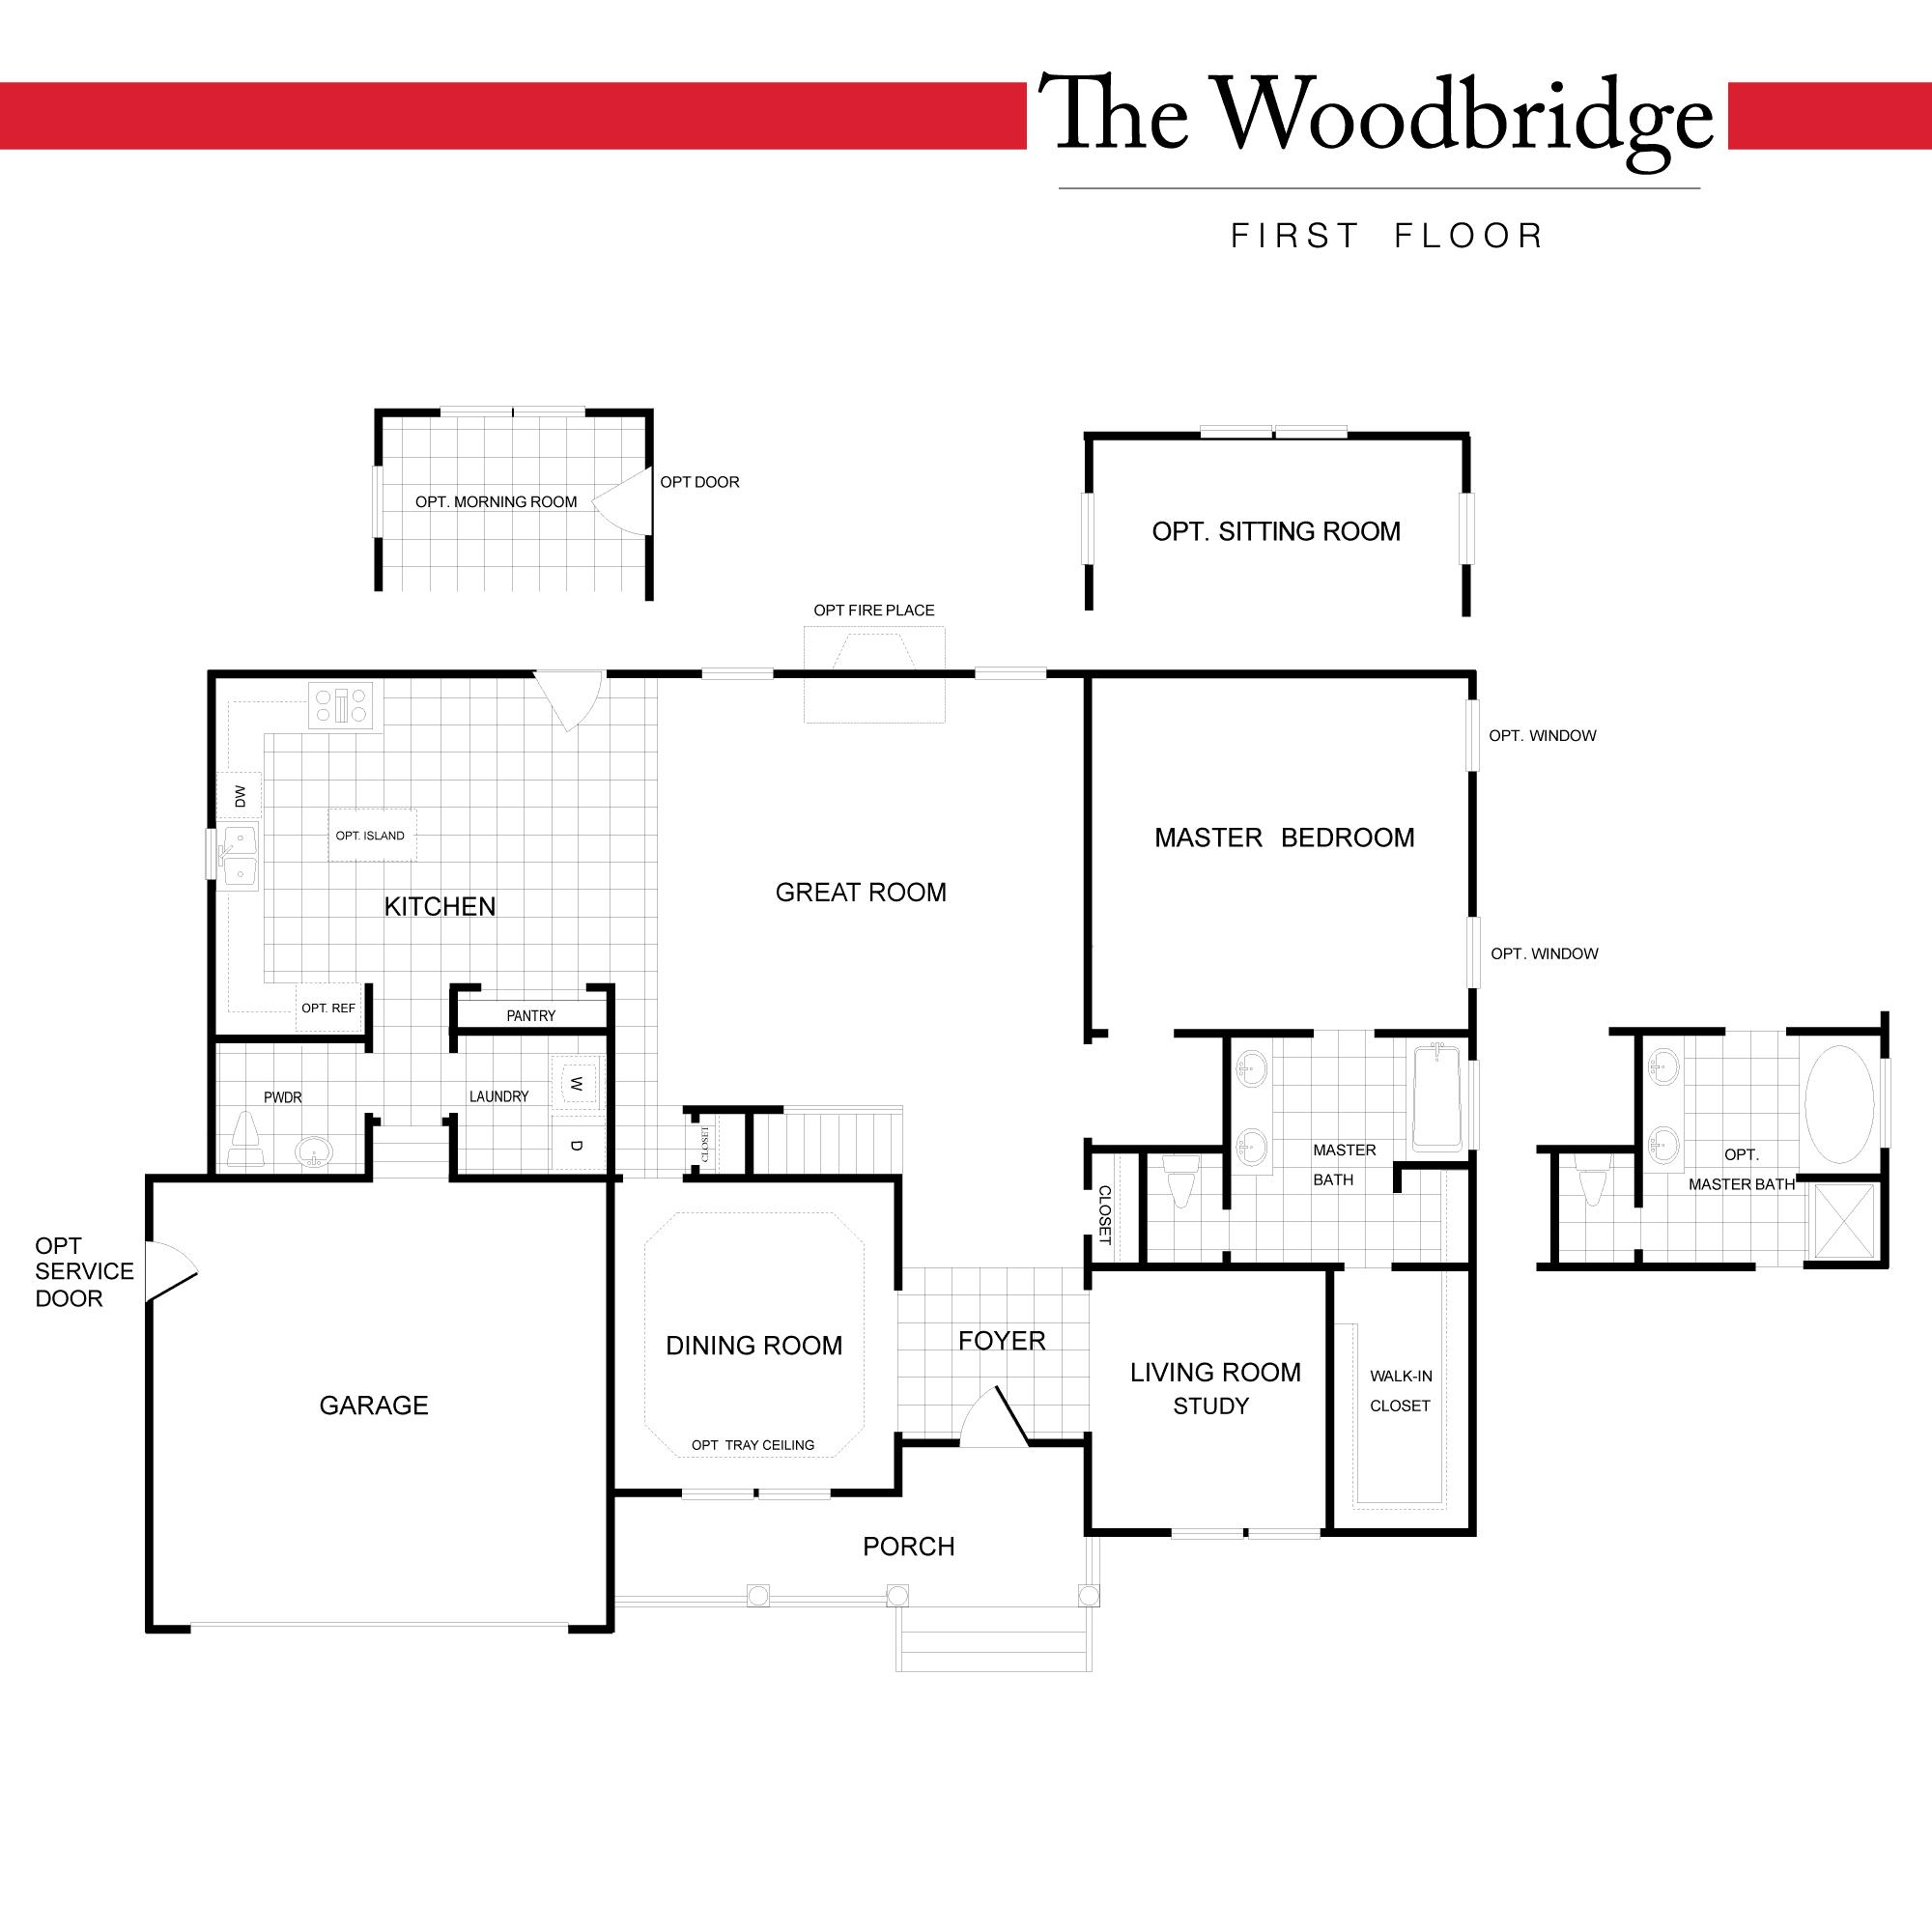 Standard Floor Plan - First Floor